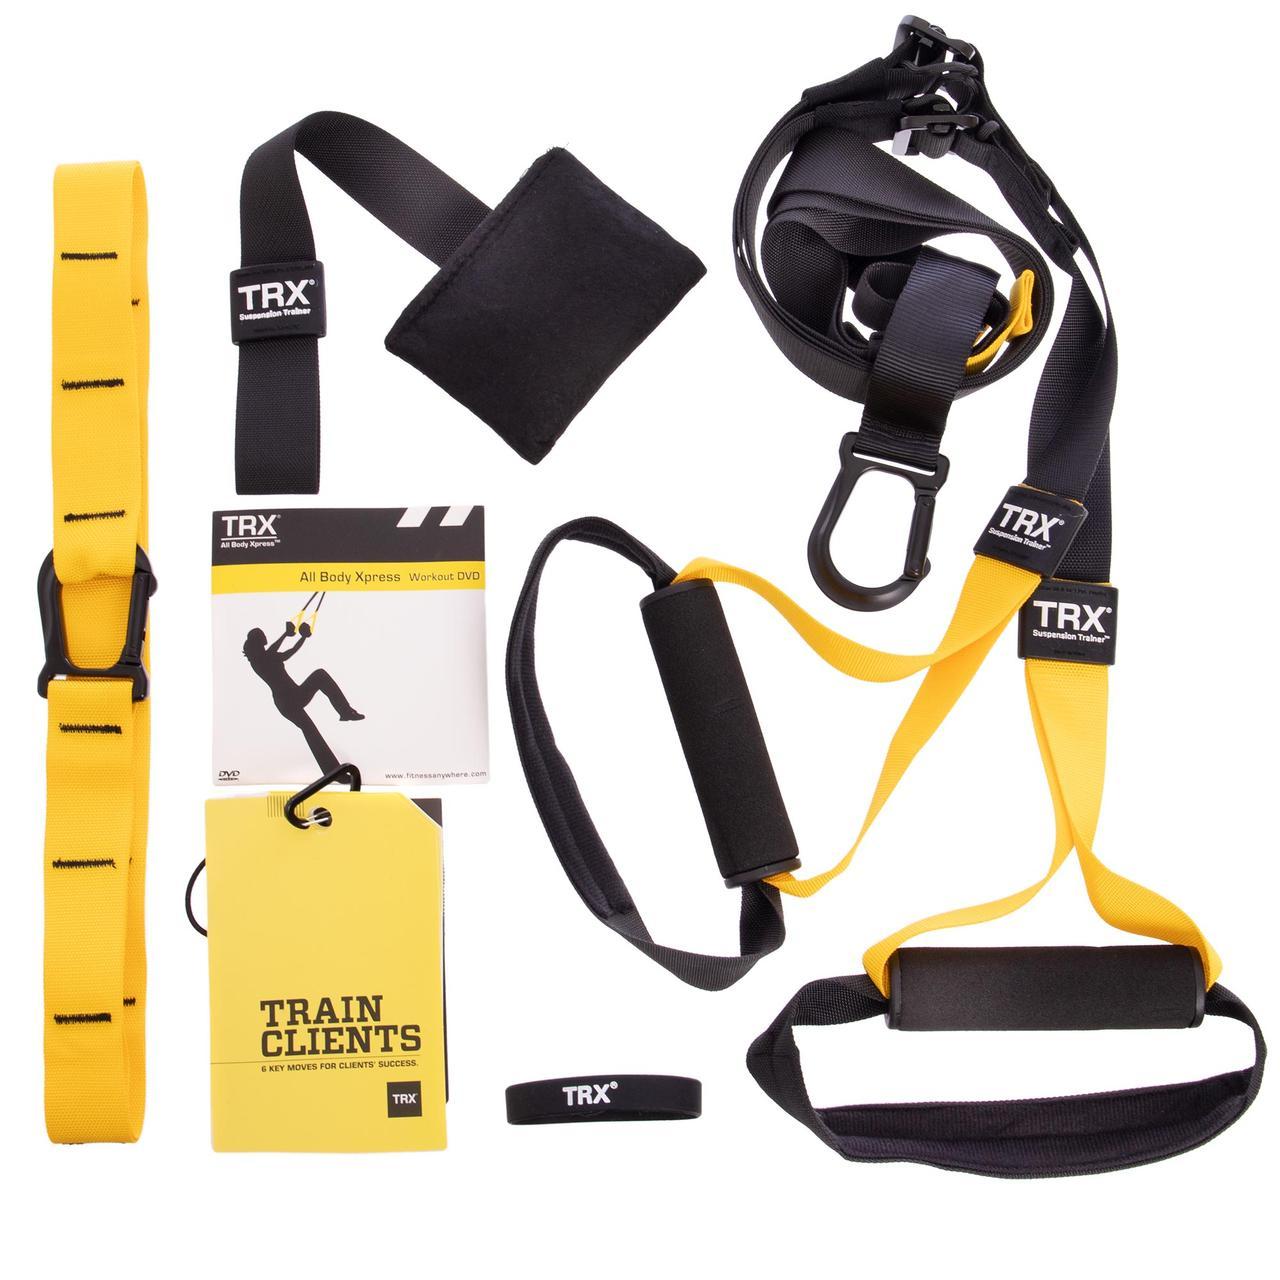 Петли TRX функциональный тренажер PRO PACK P3 HOME FI-3726-05 (петли подвесные, дверное крепление, DVD, сумка,